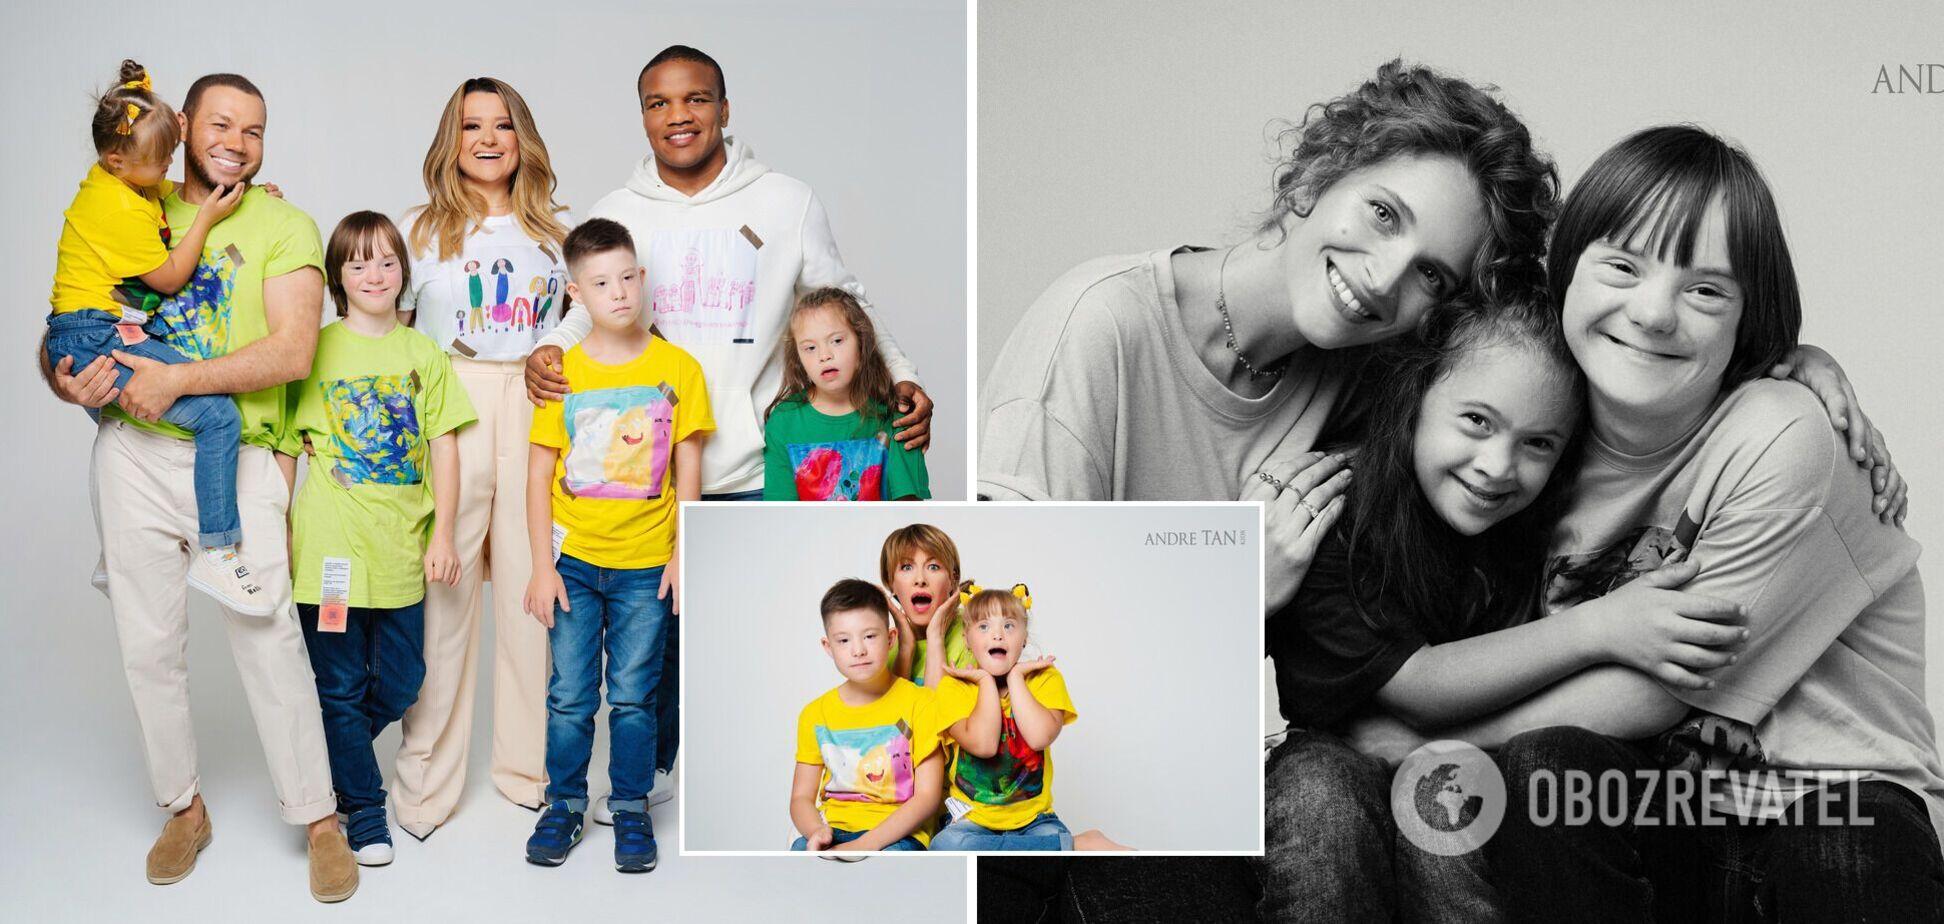 Компания ANDRE ТAN начала социальную инициативу помощи детям с инвалидностью